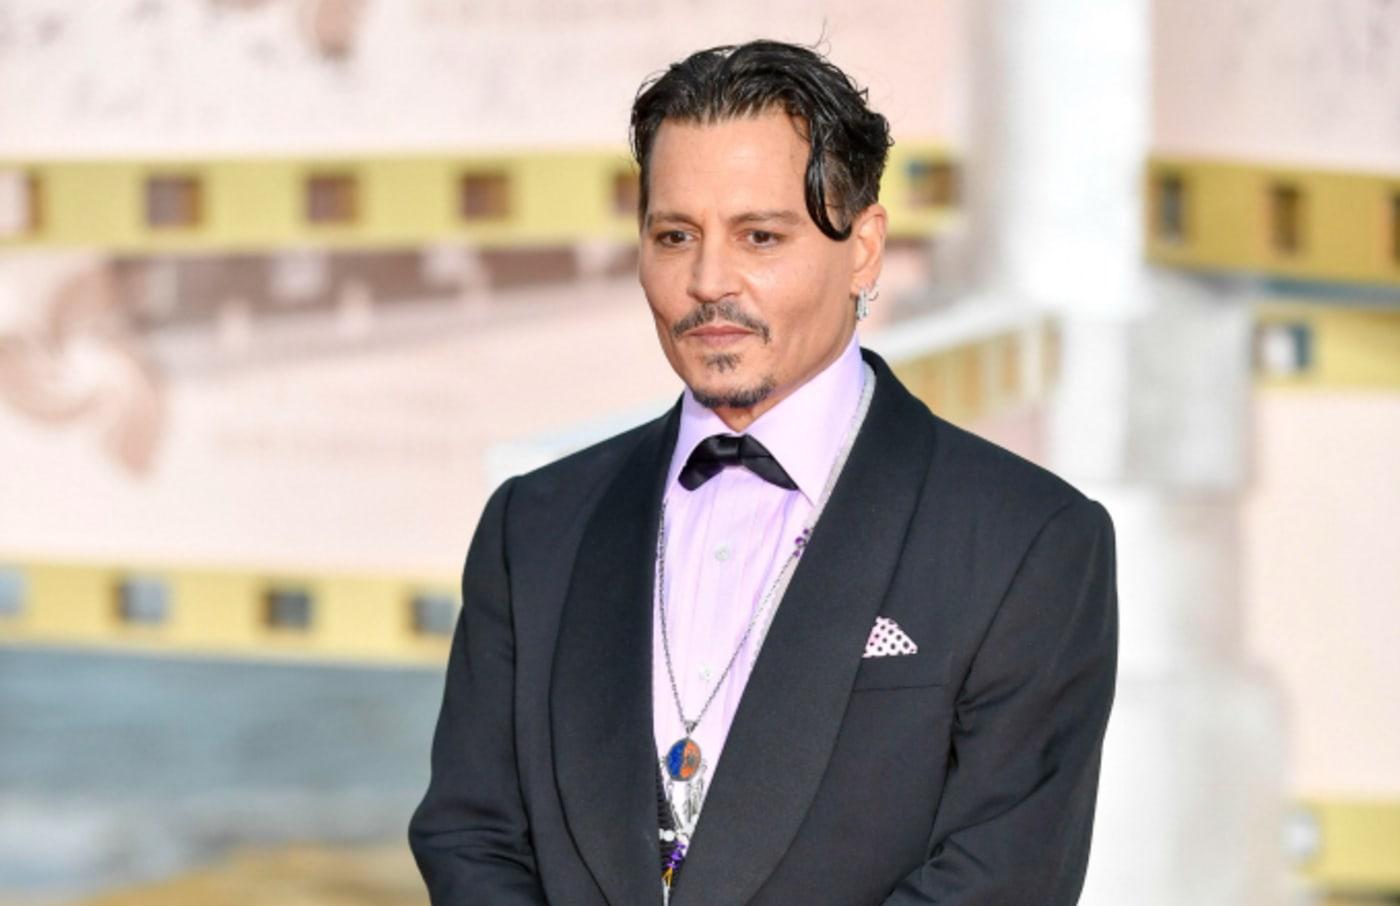 Johnny Depp arrives at the red carpet